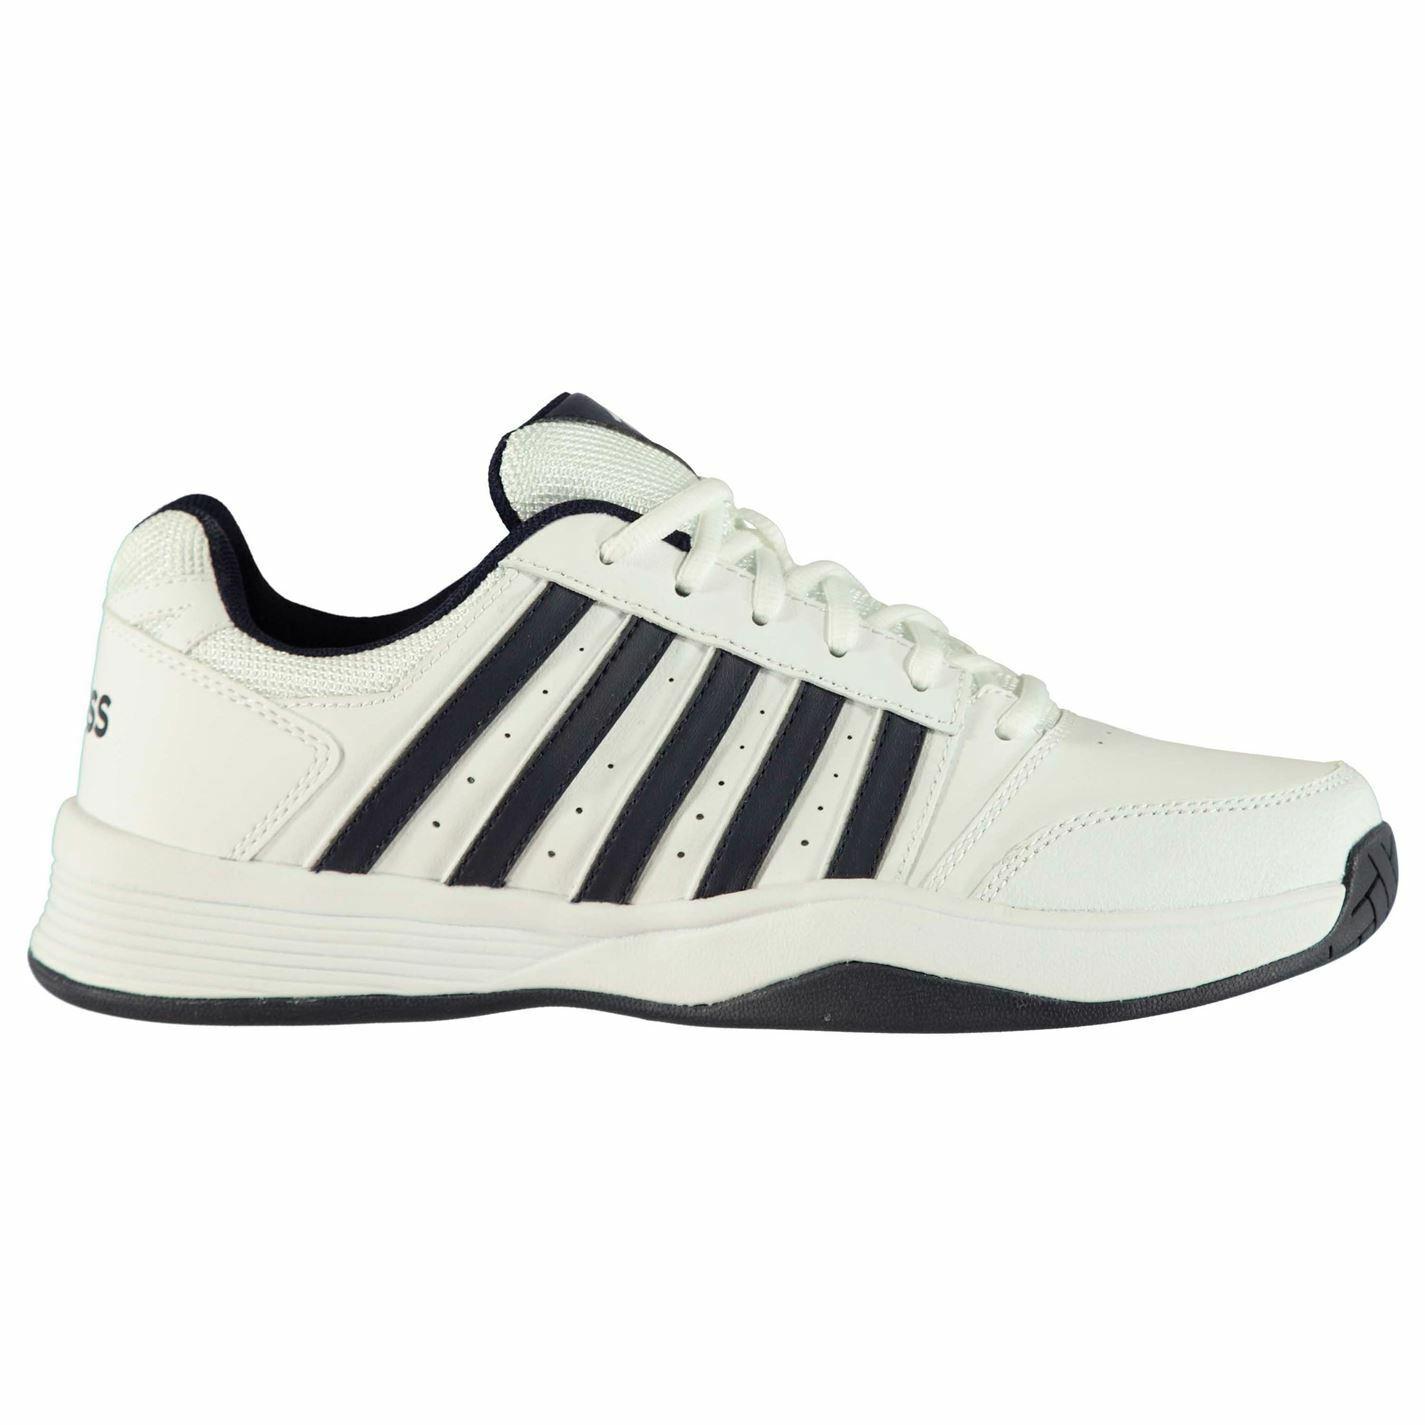 K Swiss Tribunal Tenis Zapatos para hombre Caballeros Ventilado  Smash súperior de cuero ligero  el estilo clásico